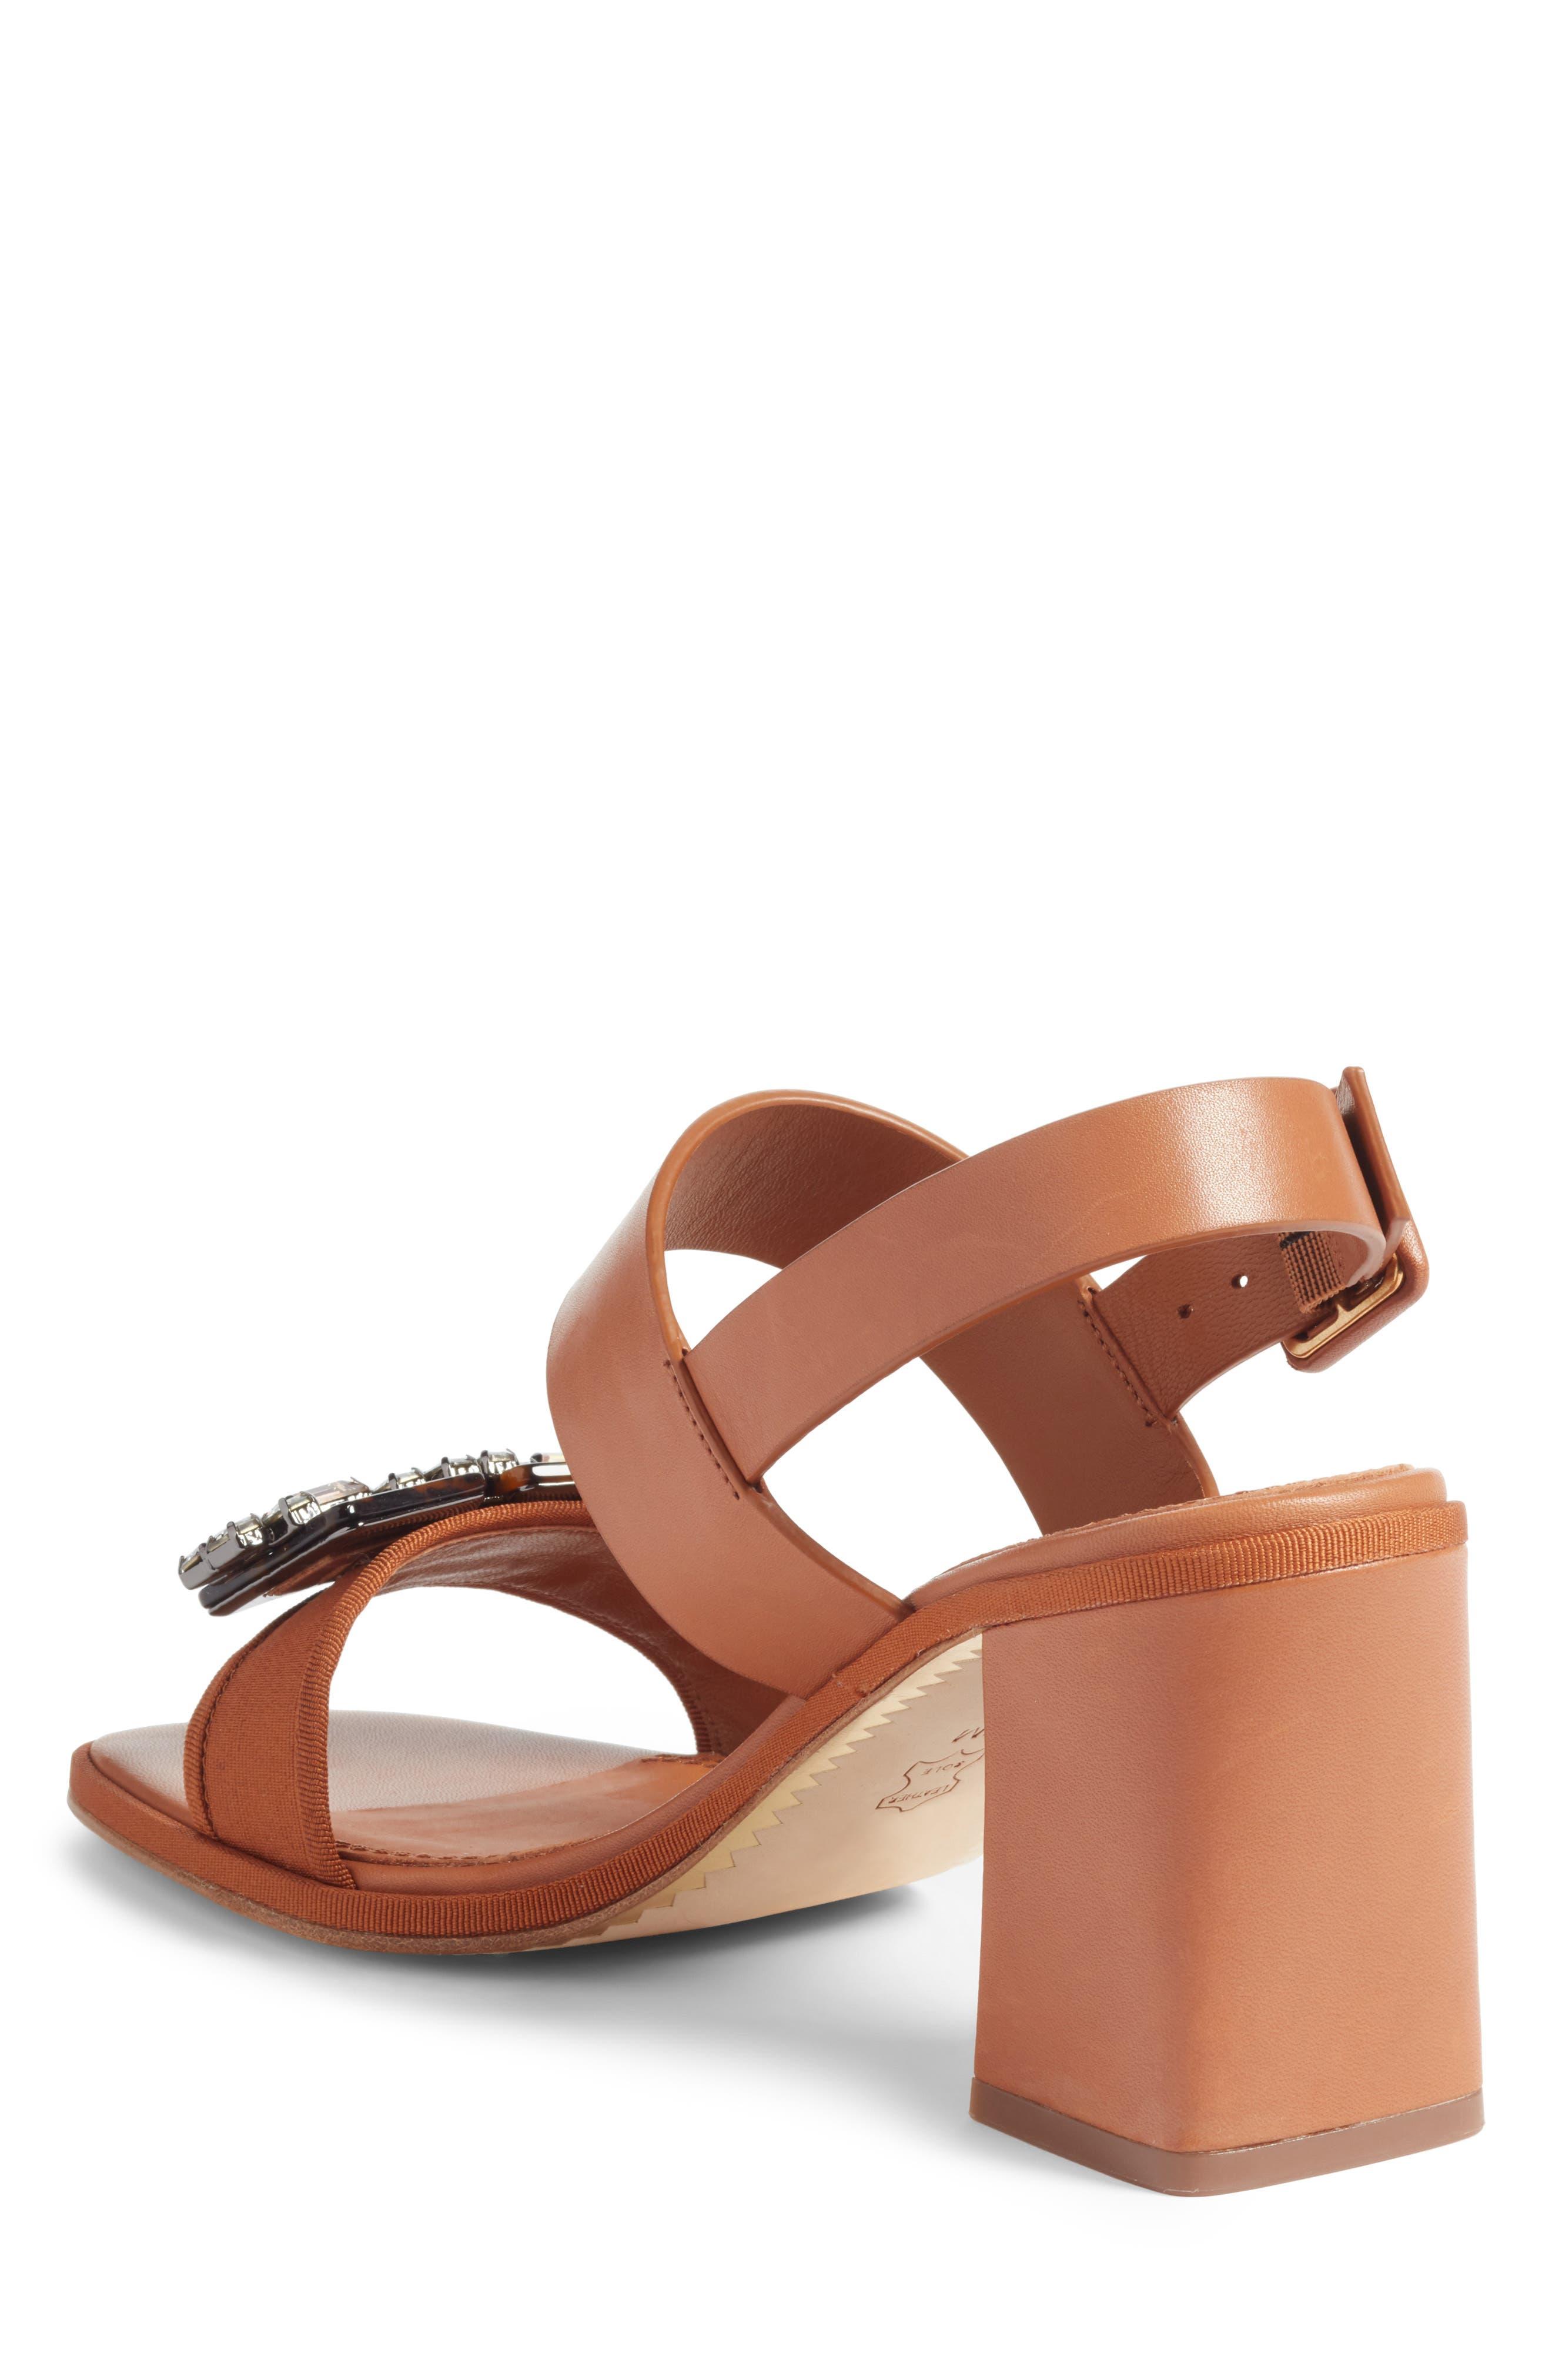 Delaney Embellished Double Strap Sandal,                             Alternate thumbnail 3, color,